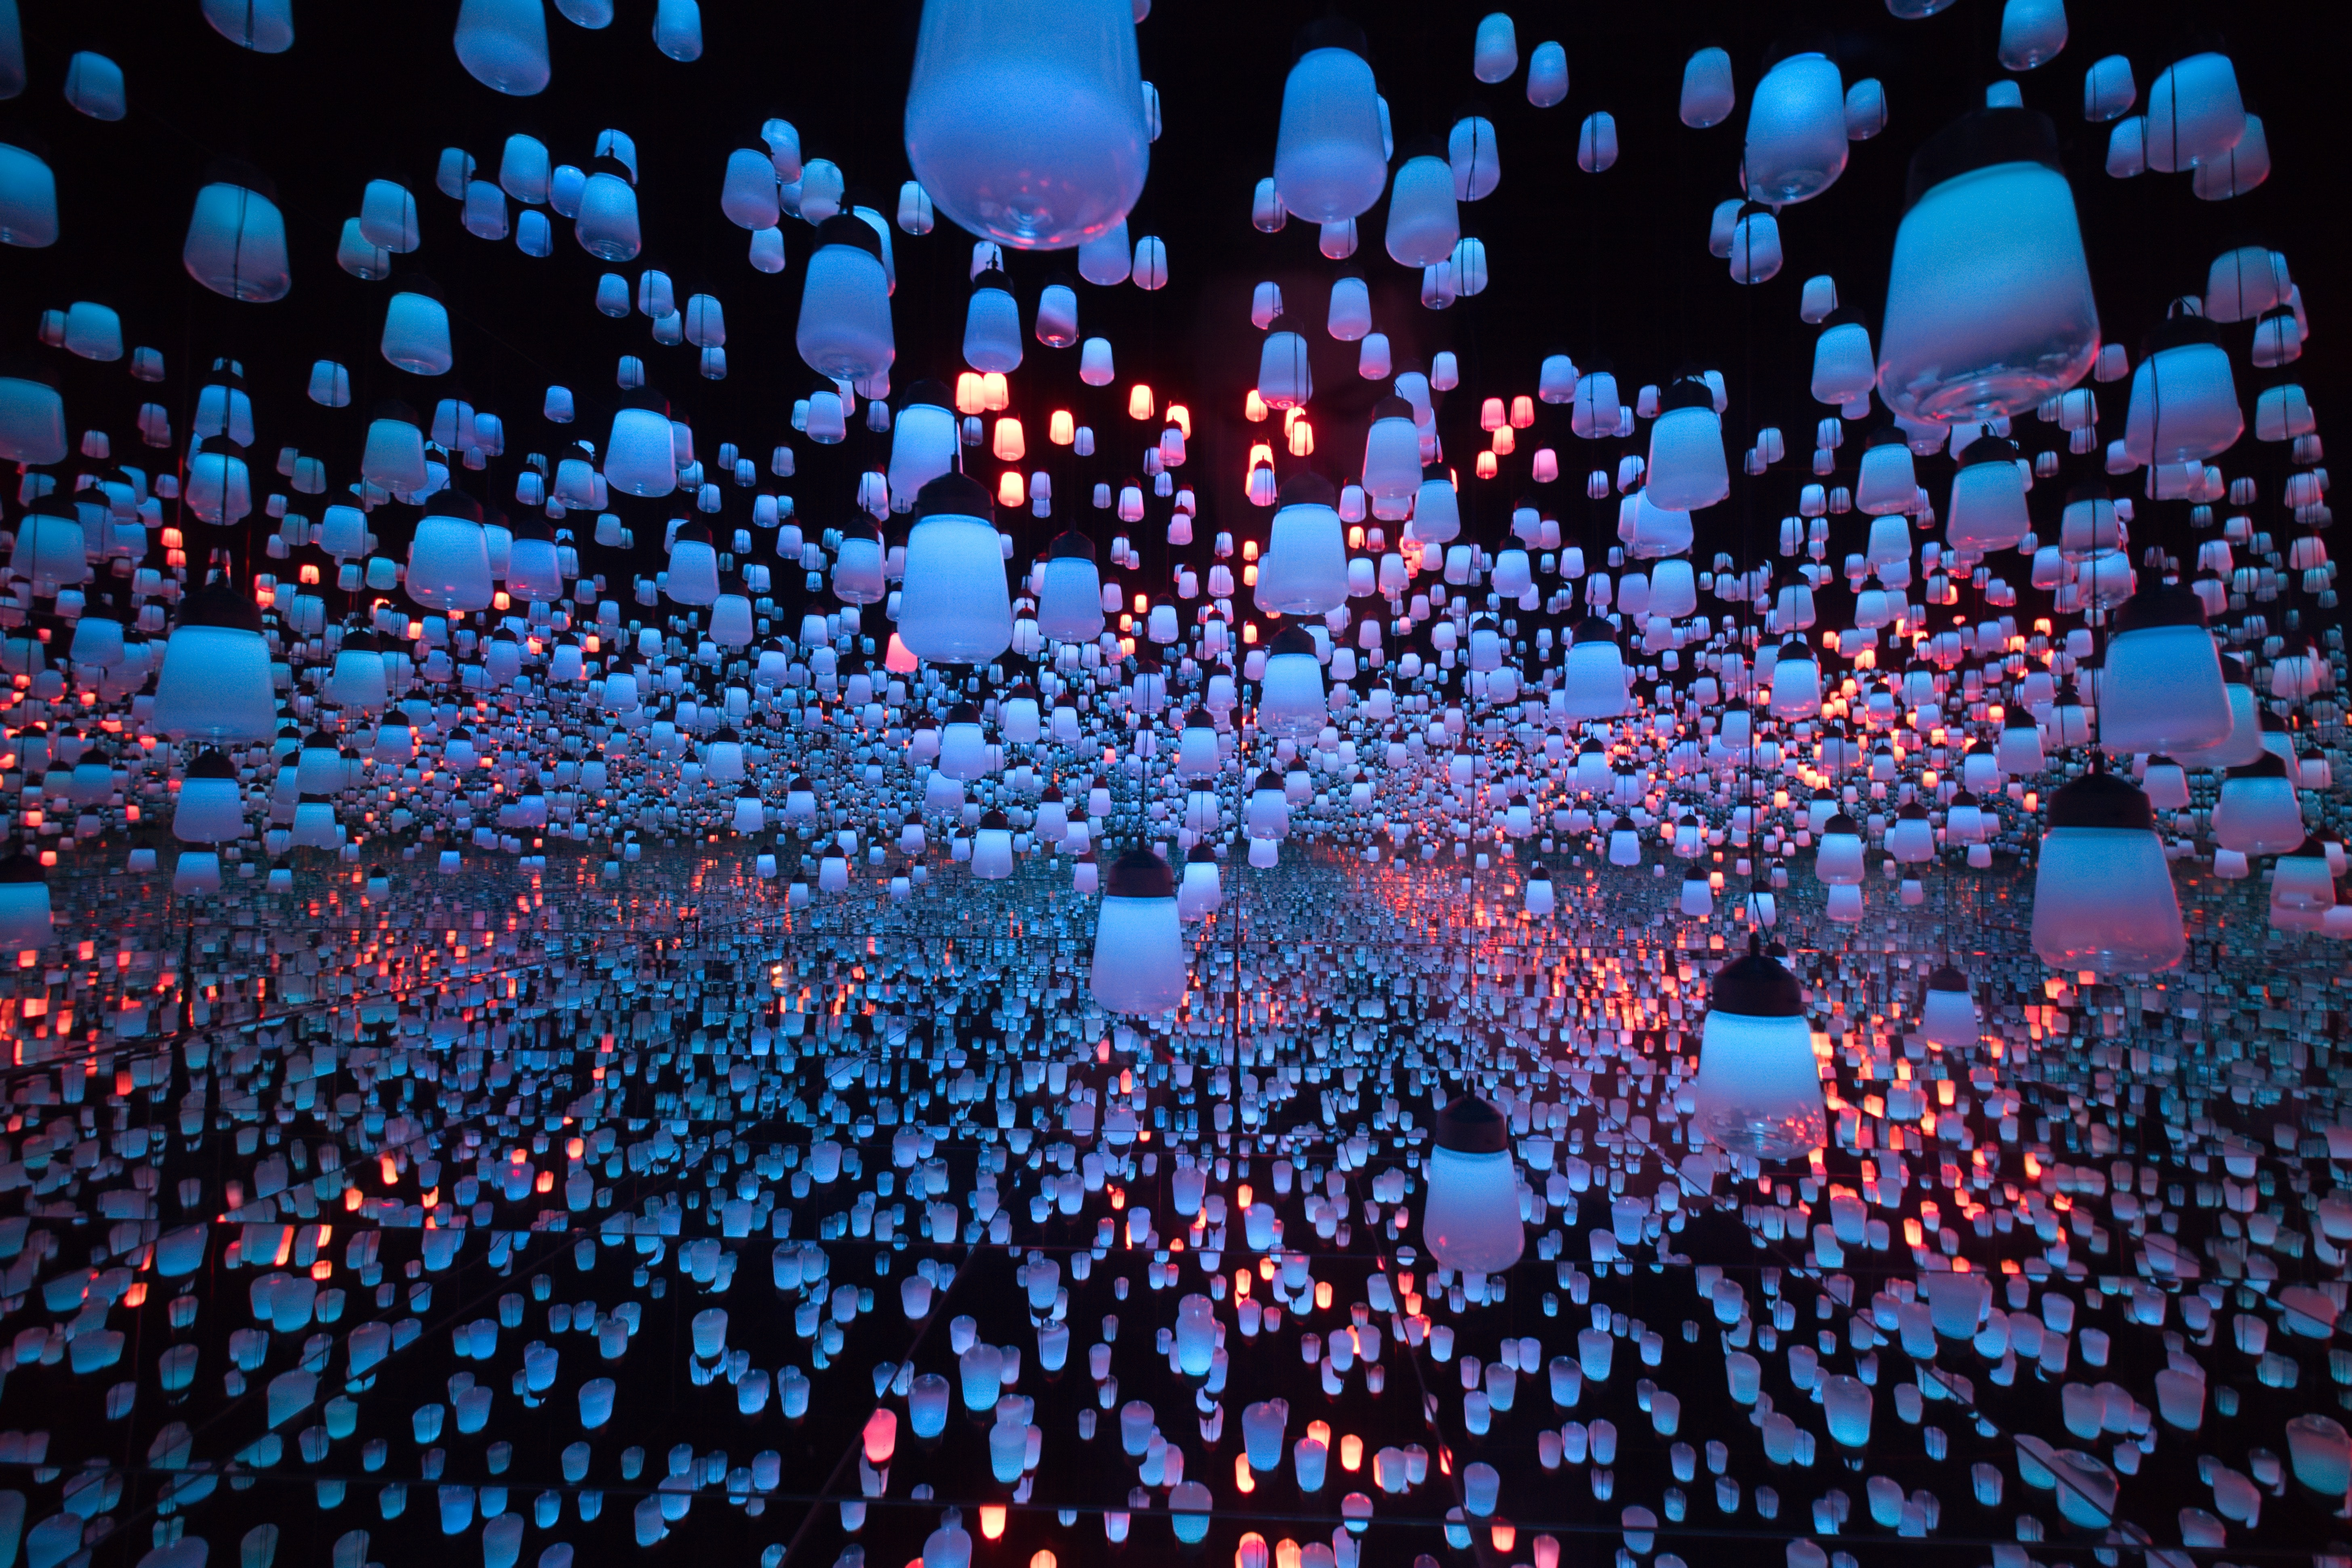 white lantern lot hanging lights 1574938521 - White Lantern Lot Hanging Lights -